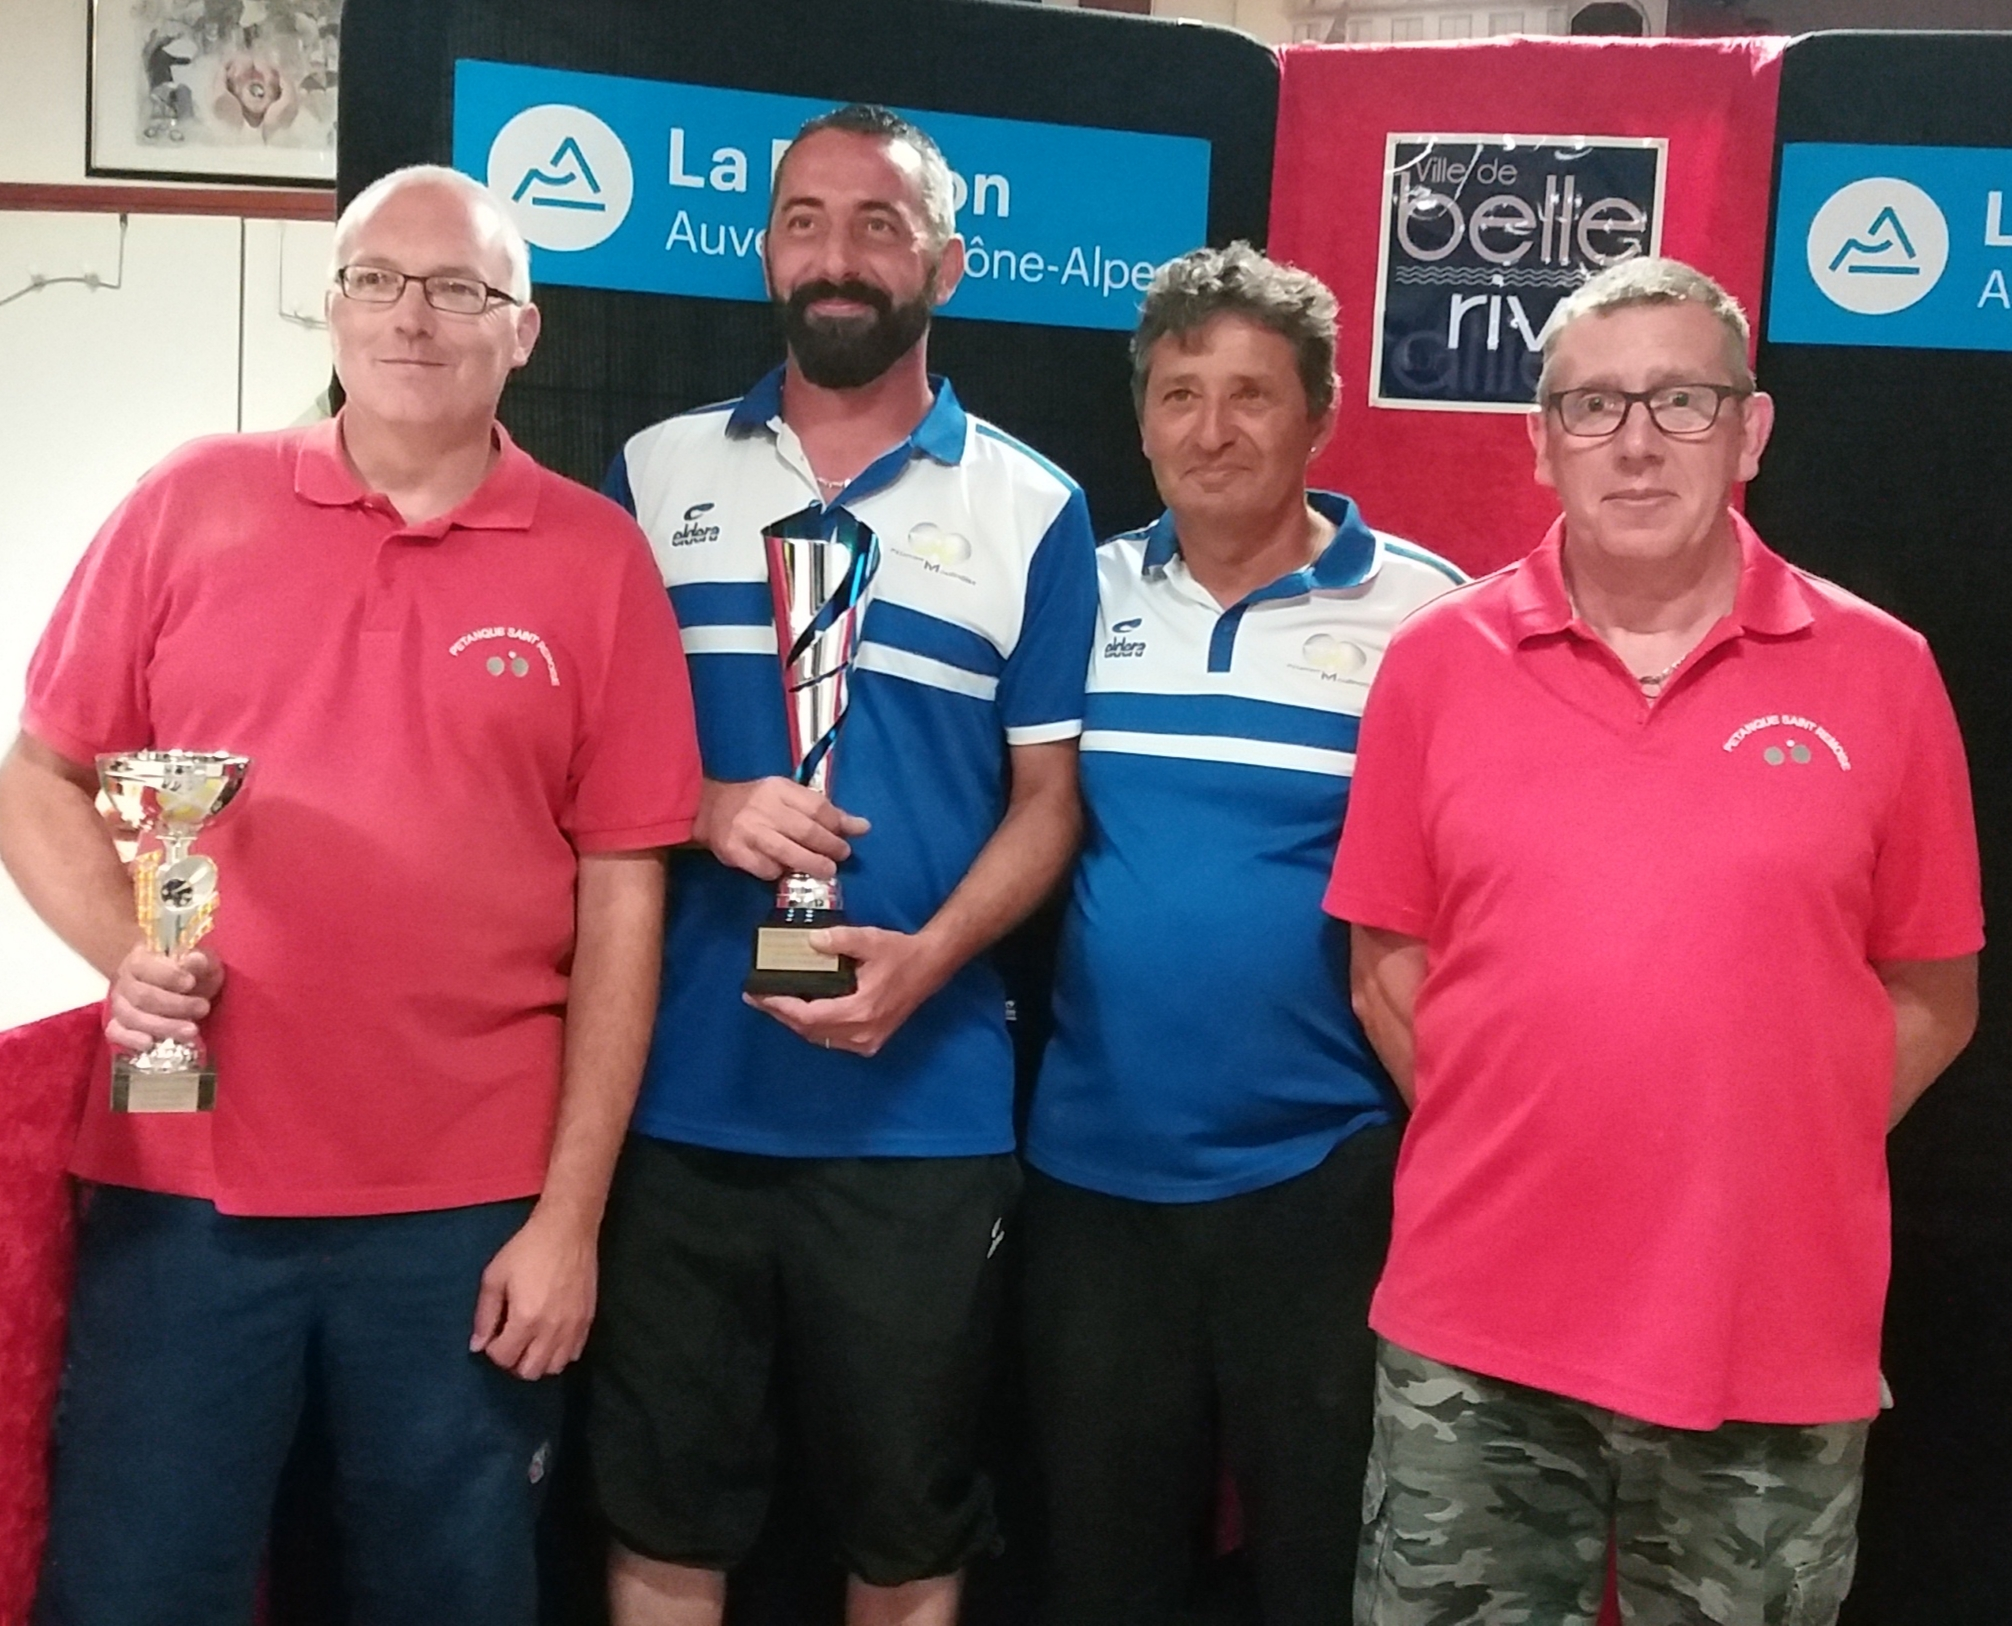 Alain et Serge avec les finalistes moulinois Billaud et Demoliere.